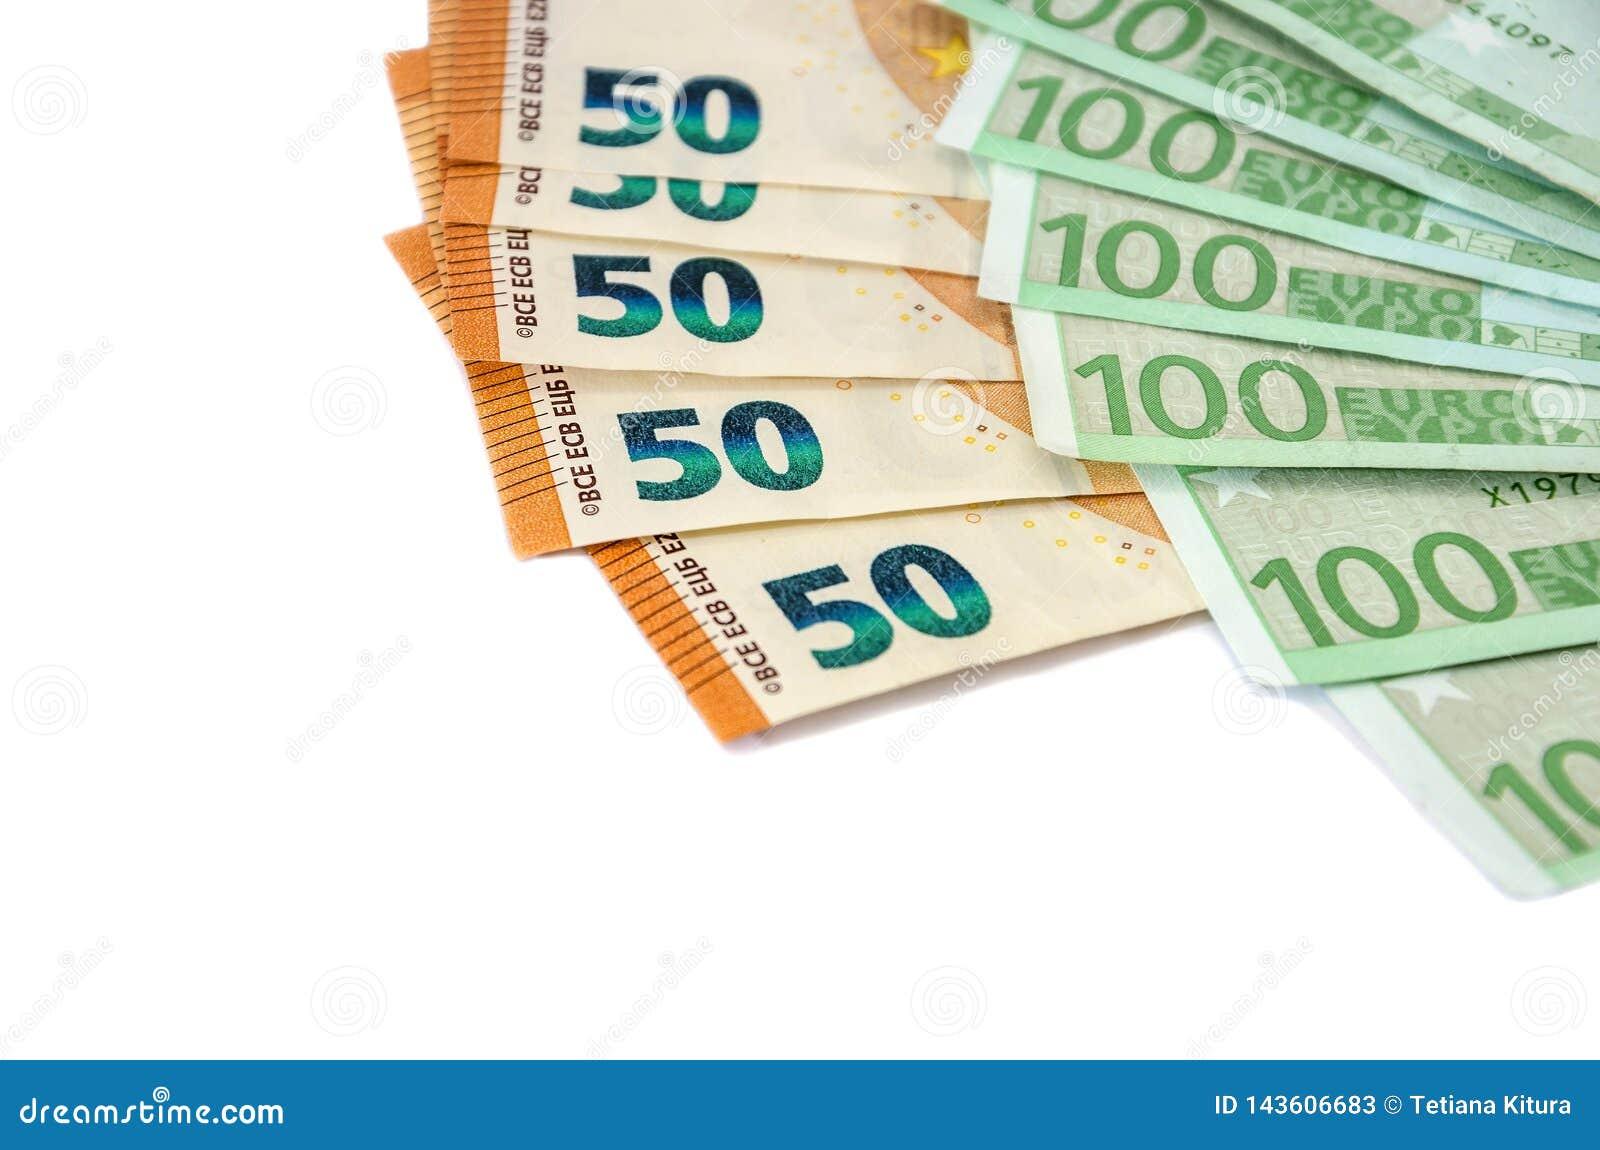 Bankbiljetten van honderd vijftig euro op een witte achtergrond